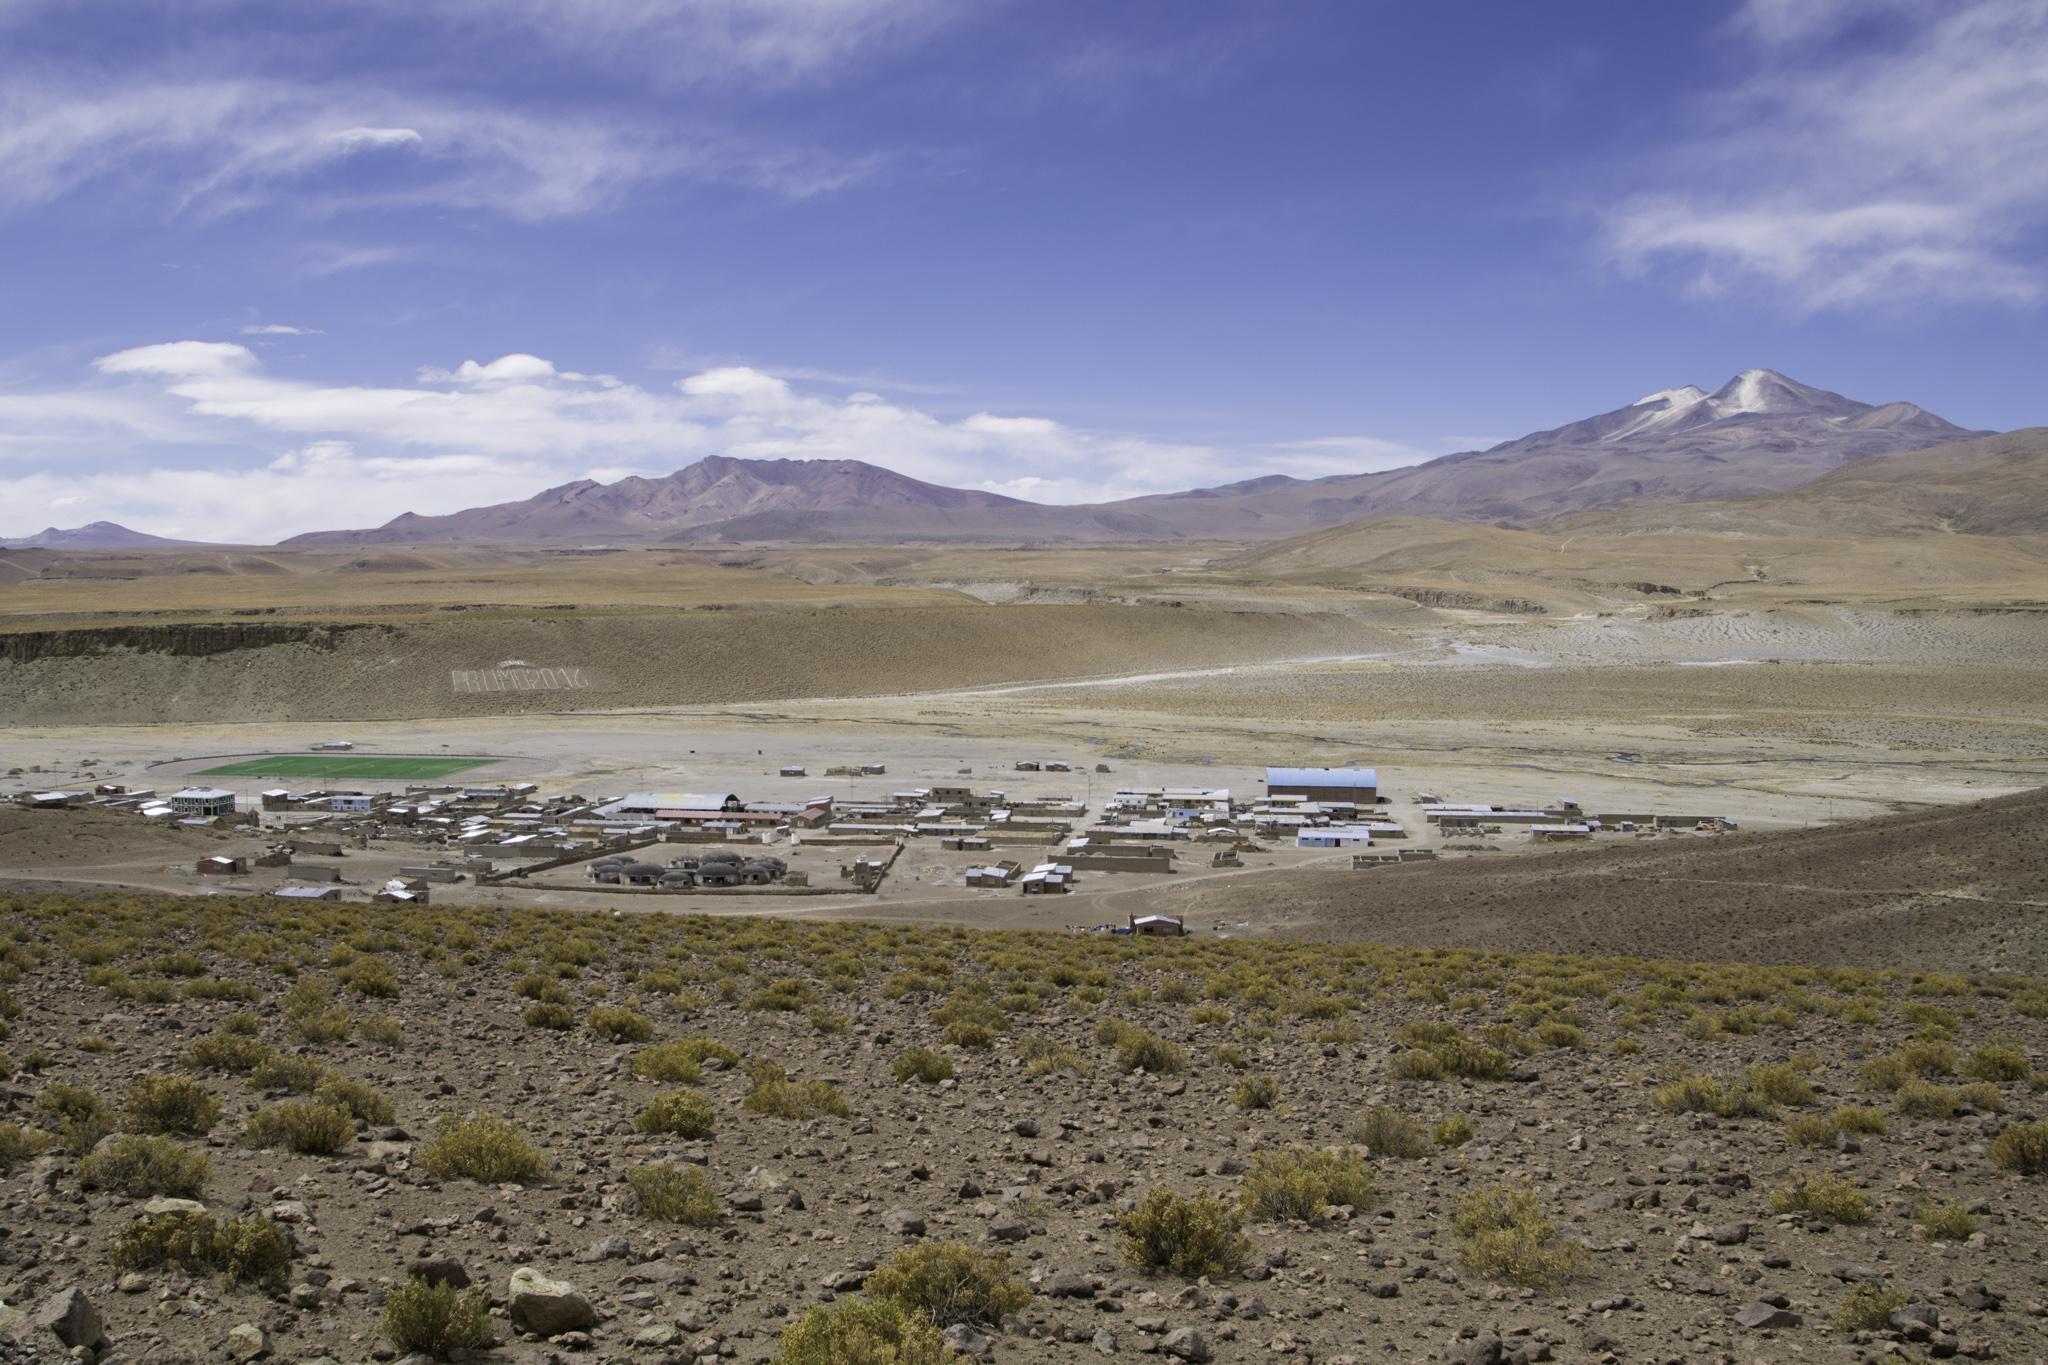 Das Dorf Quetena Chico und rechts dahinter der Vulkan Uturuncu